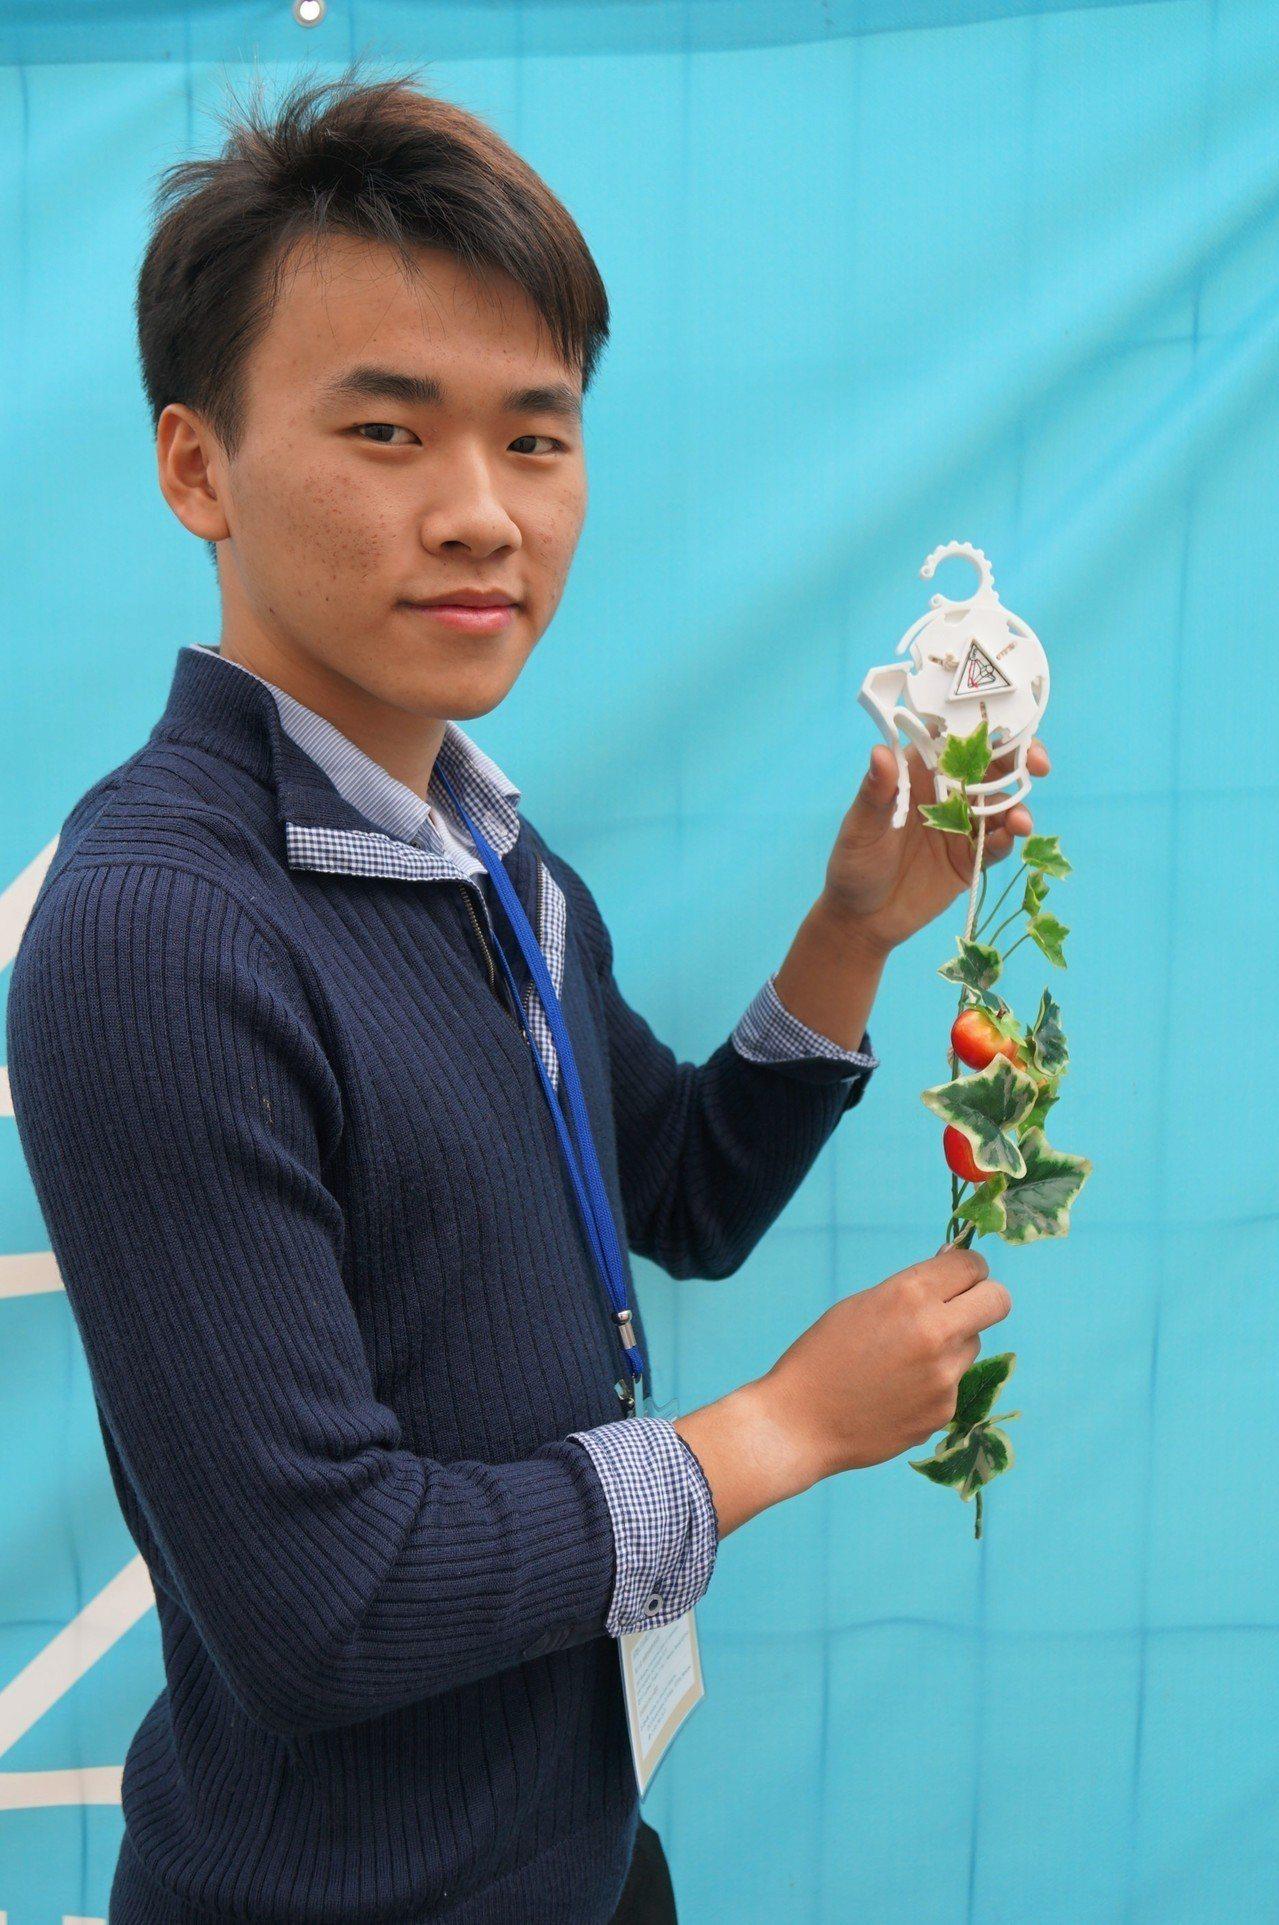 高雄科技大學的賴策方與同學設計攀藤作物生長輔具「Roller_Planter」。...